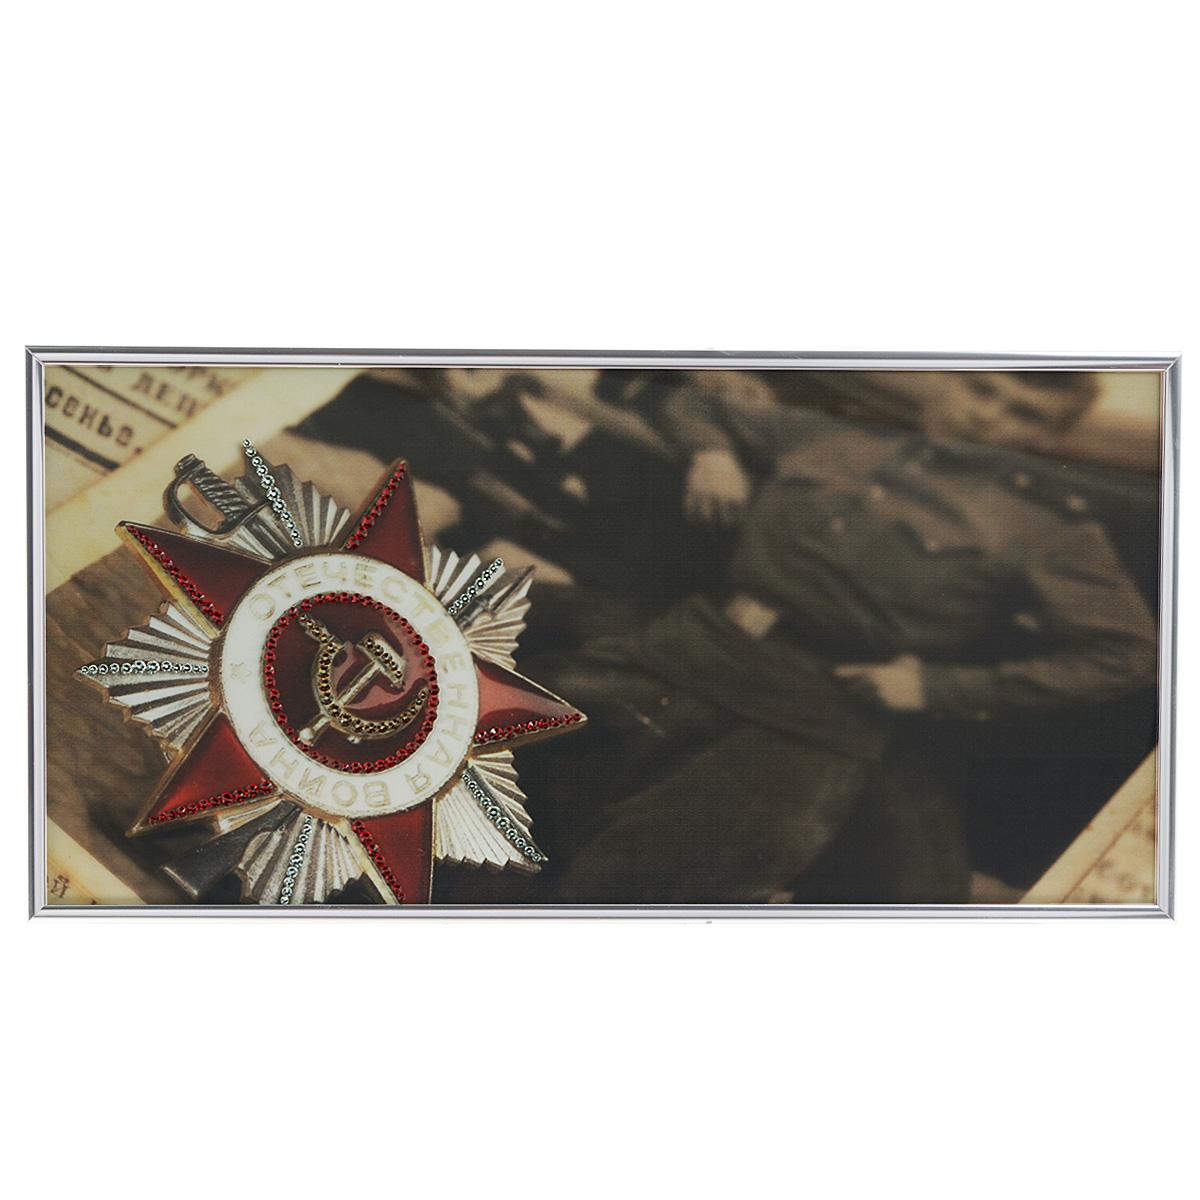 Картина с кристаллами Swarovski Орден Отечественной войны I степени, 40 х 20 см1337Изящная картина в алюминиевой раме Орден Отечественной войны I степени инкрустирована кристаллами Swarovski, которые отличаются четкой и ровной огранкой, ярким блеском и чистотой цвета. Идеально подобранная палитра кристаллов прекрасно дополняет картину. С задней стороны изделие оснащено специальной металлической петелькой для размещения на стене. Картина с кристаллами Swarovski элегантно украсит интерьер дома, а также станет прекрасным подарком, который обязательно понравится получателю. Блеск кристаллов в интерьере - что может быть сказочнее и удивительнее. Изделие упаковано в подарочную картонную коробку синего цвета и комплектуется сертификатом соответствия Swarovski.